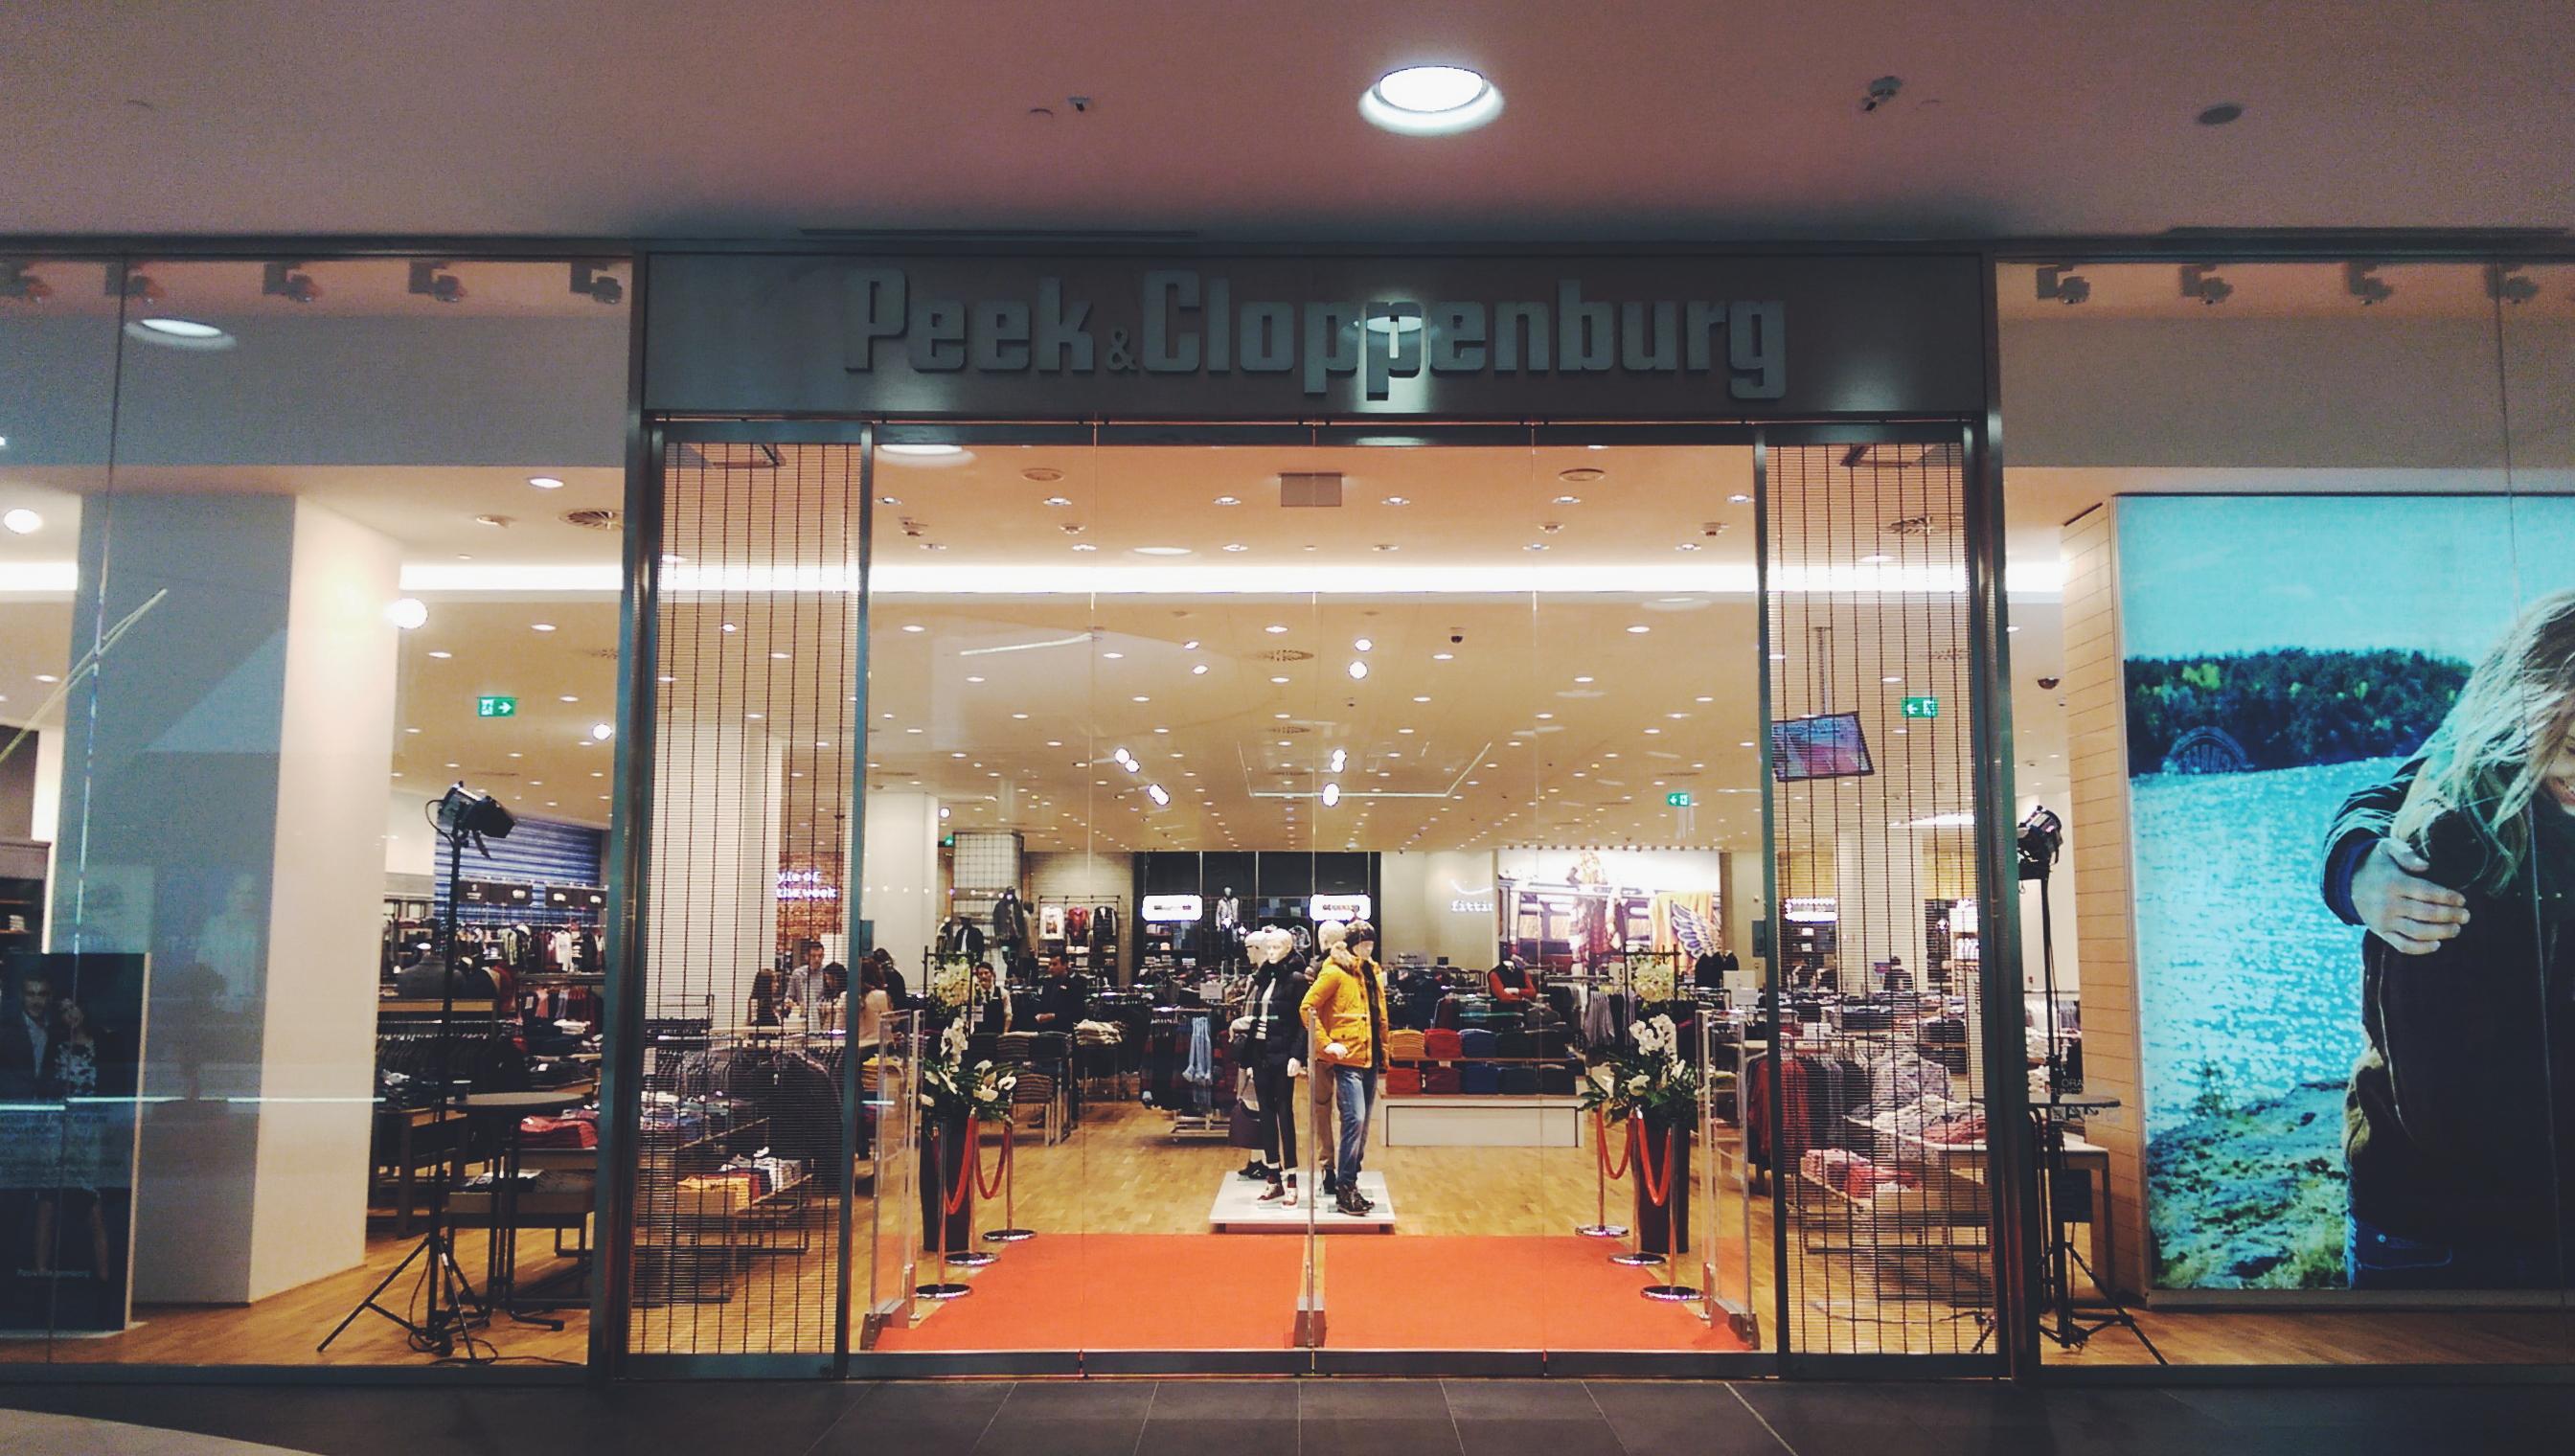 Peek & Cloppenburg a deschis astazi cel mai mare magazin